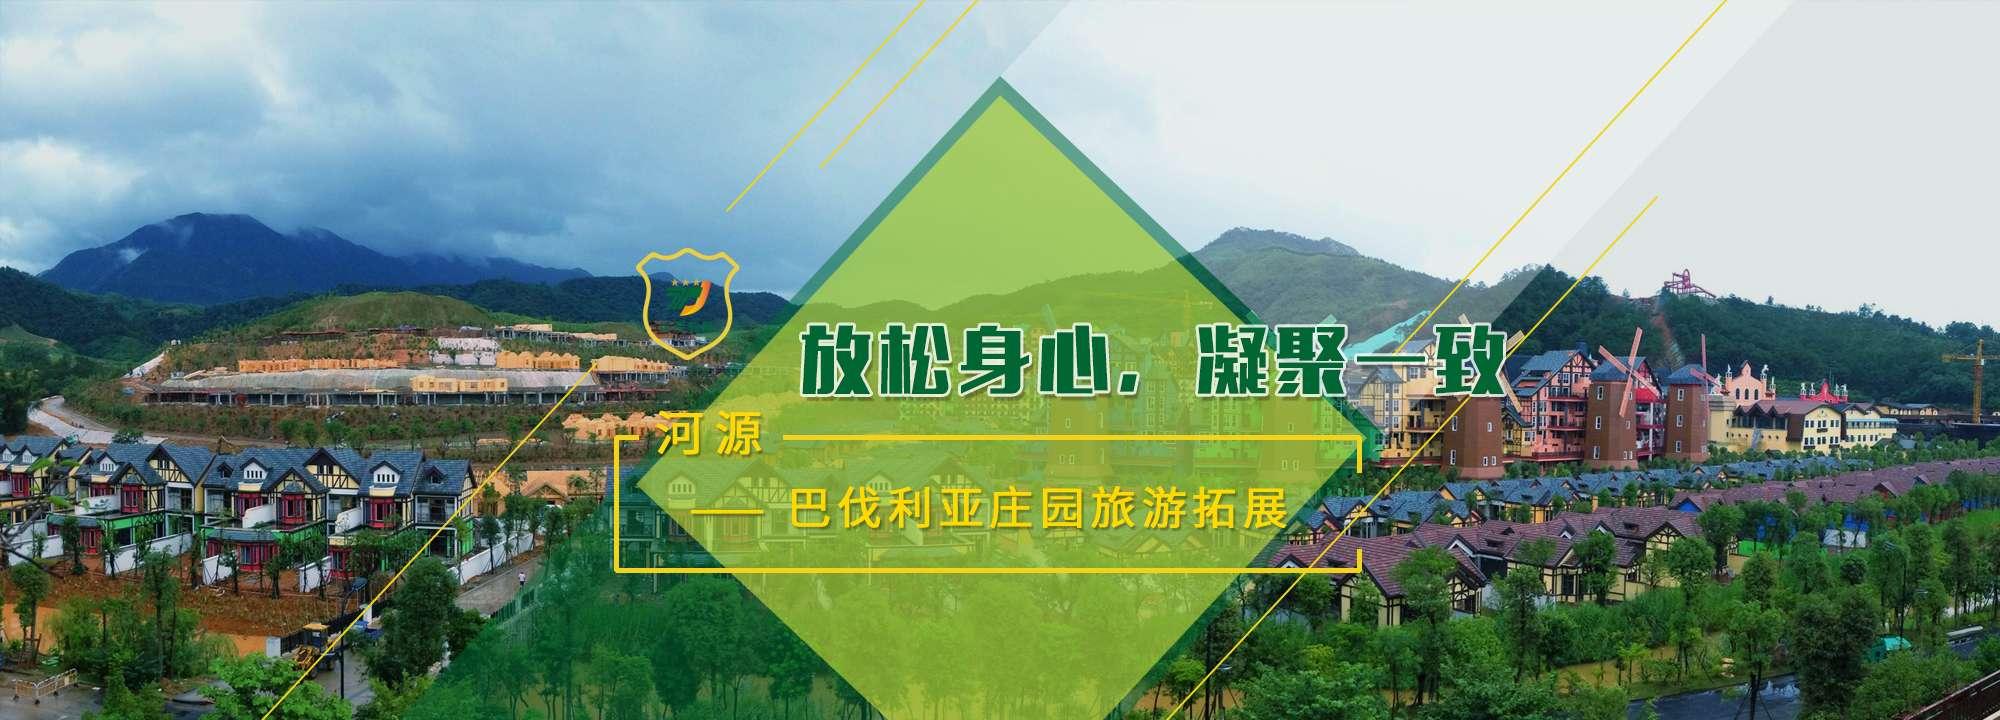 深圳市铁军科技教育发展有限公司-ShowList